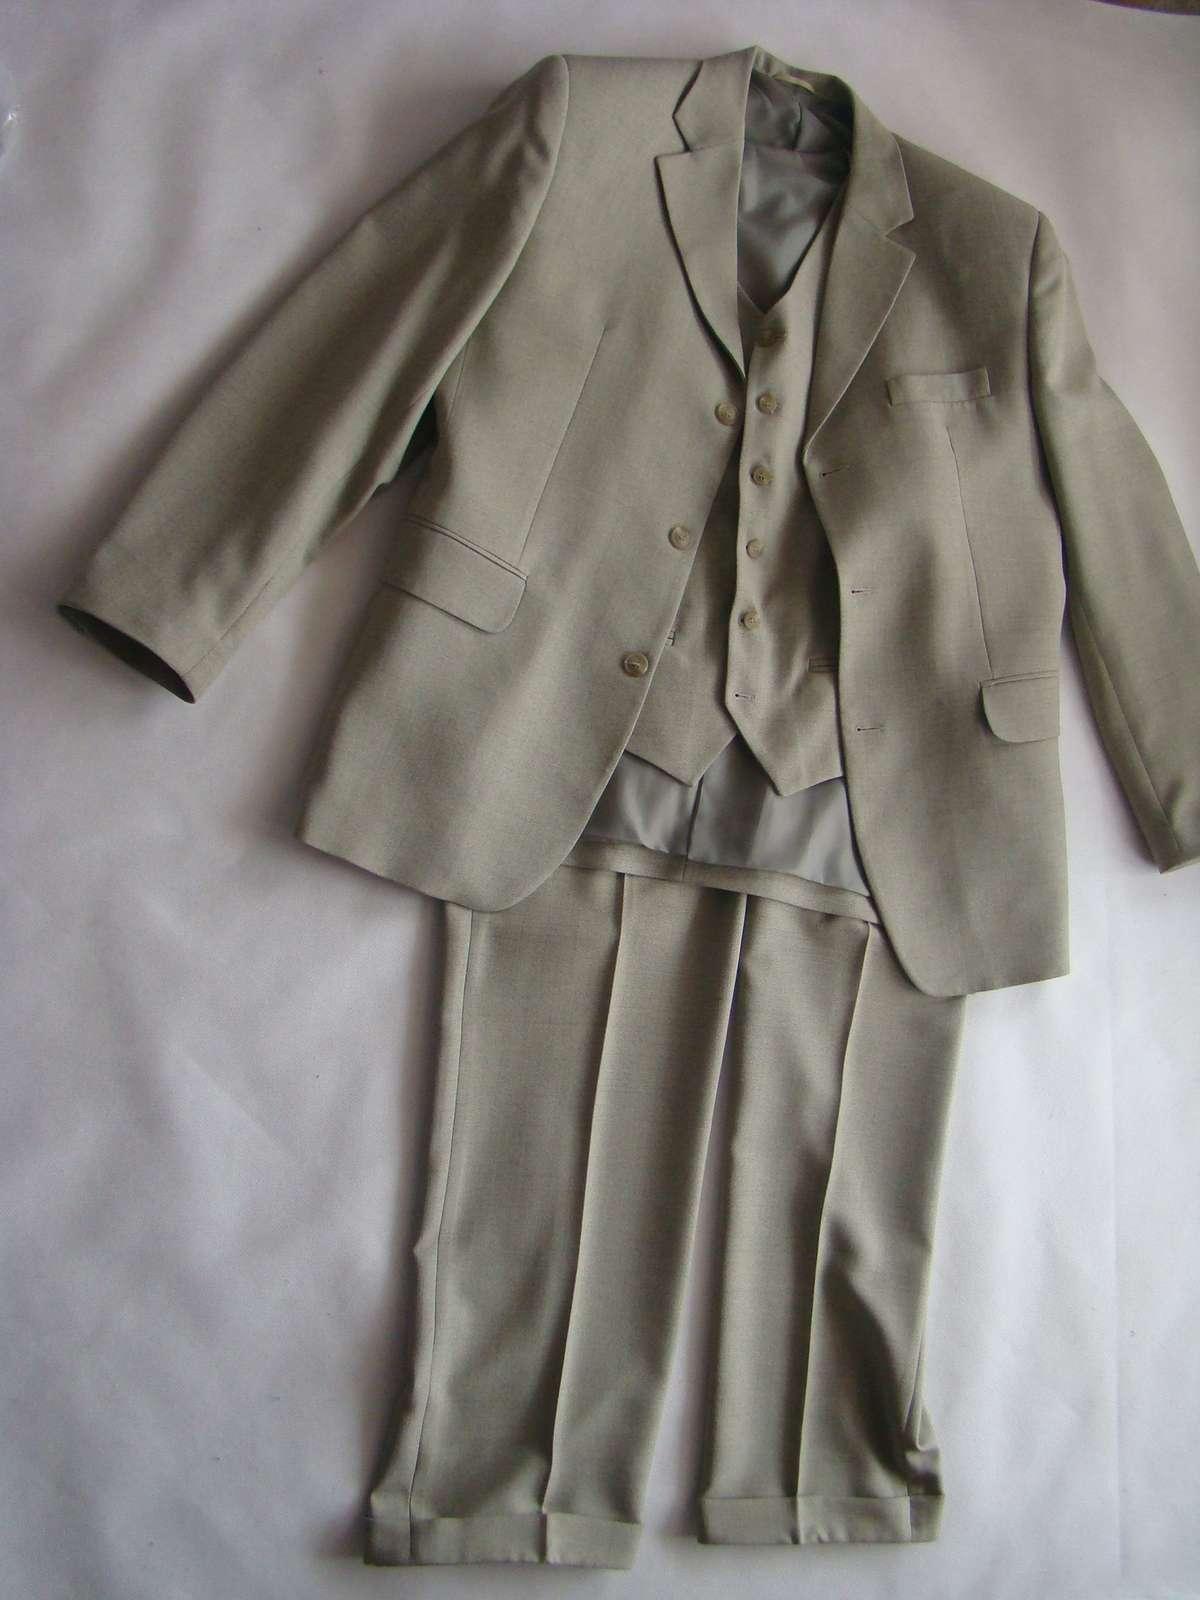 Zánovny pánsky oblek - Obrázok č. 1